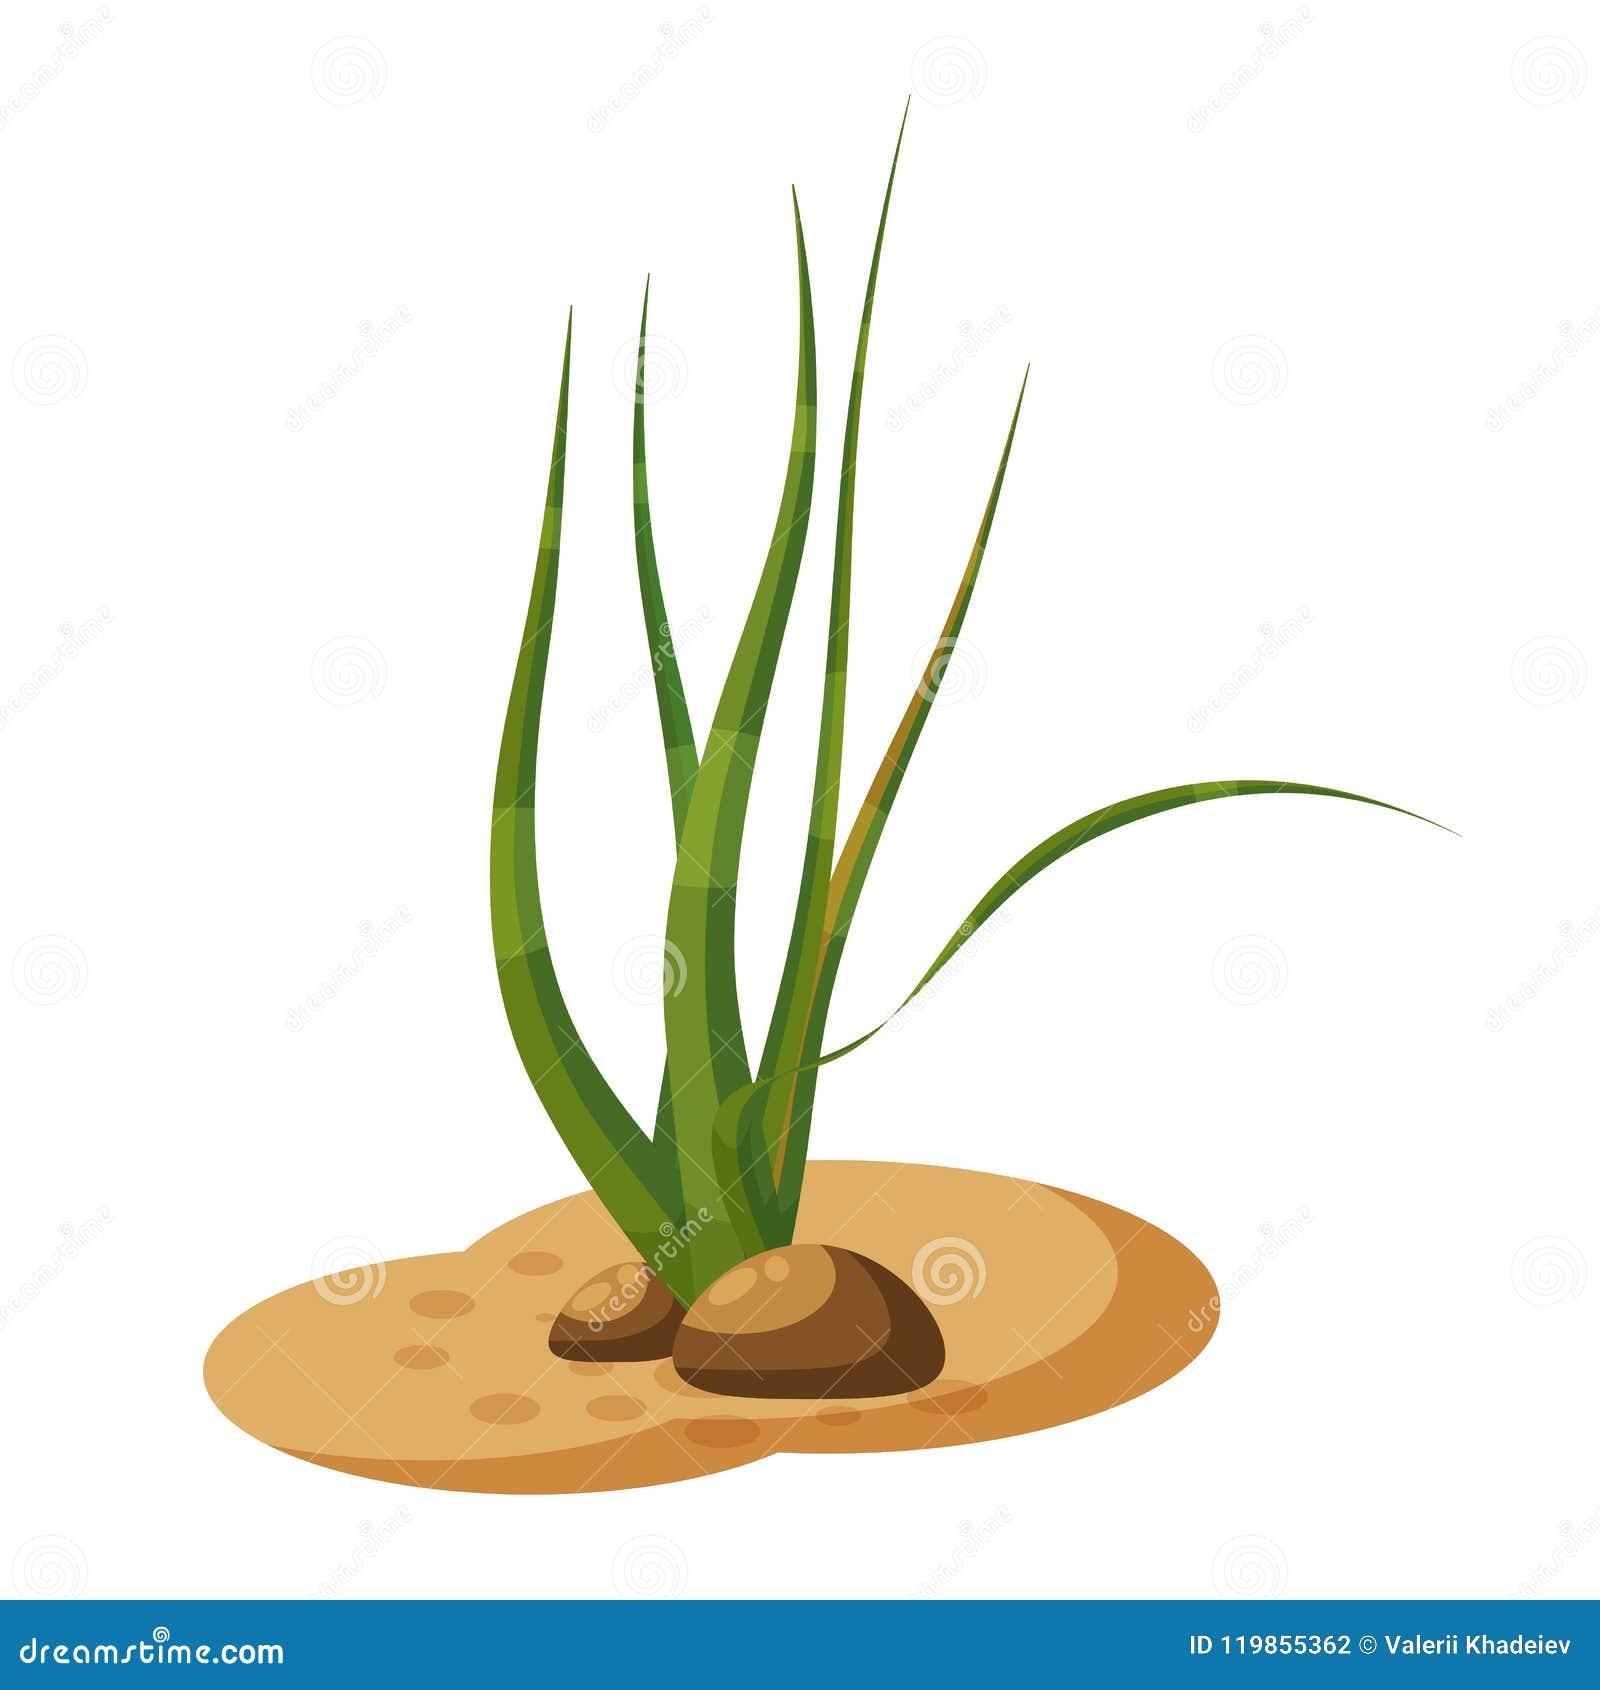 Το θαλάσσιο πράσινο φύκι αλγών, φυτεύει υποβρύχιο, απομονωμένος στο άσπρο υπόβαθρο, διάνυσμα, ύφος κινούμενων σχεδίων